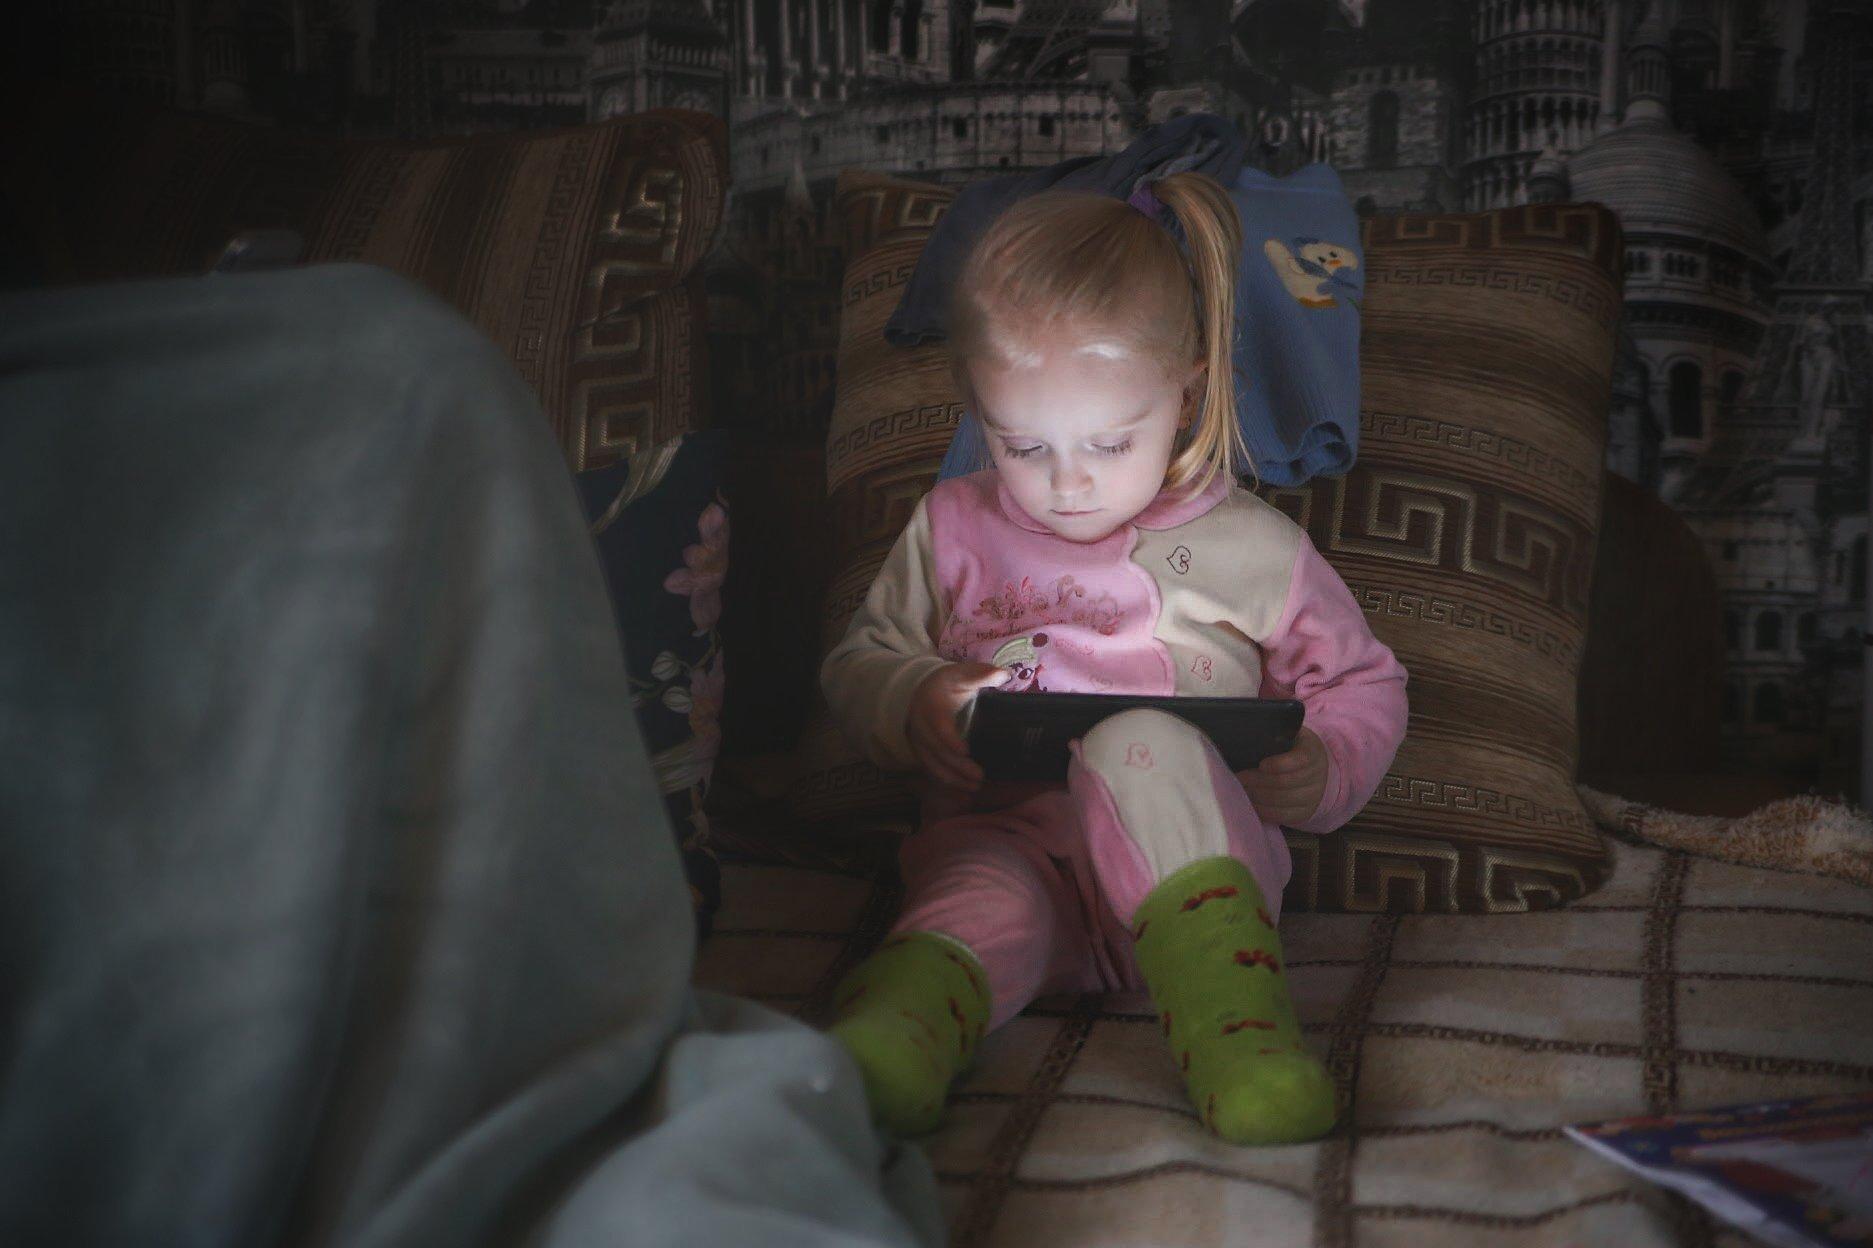 Семья, детство, портрет, жанр, цвет, ребёнок, технологии, childhood, child, portrait, color, family , Сергей Гойшик